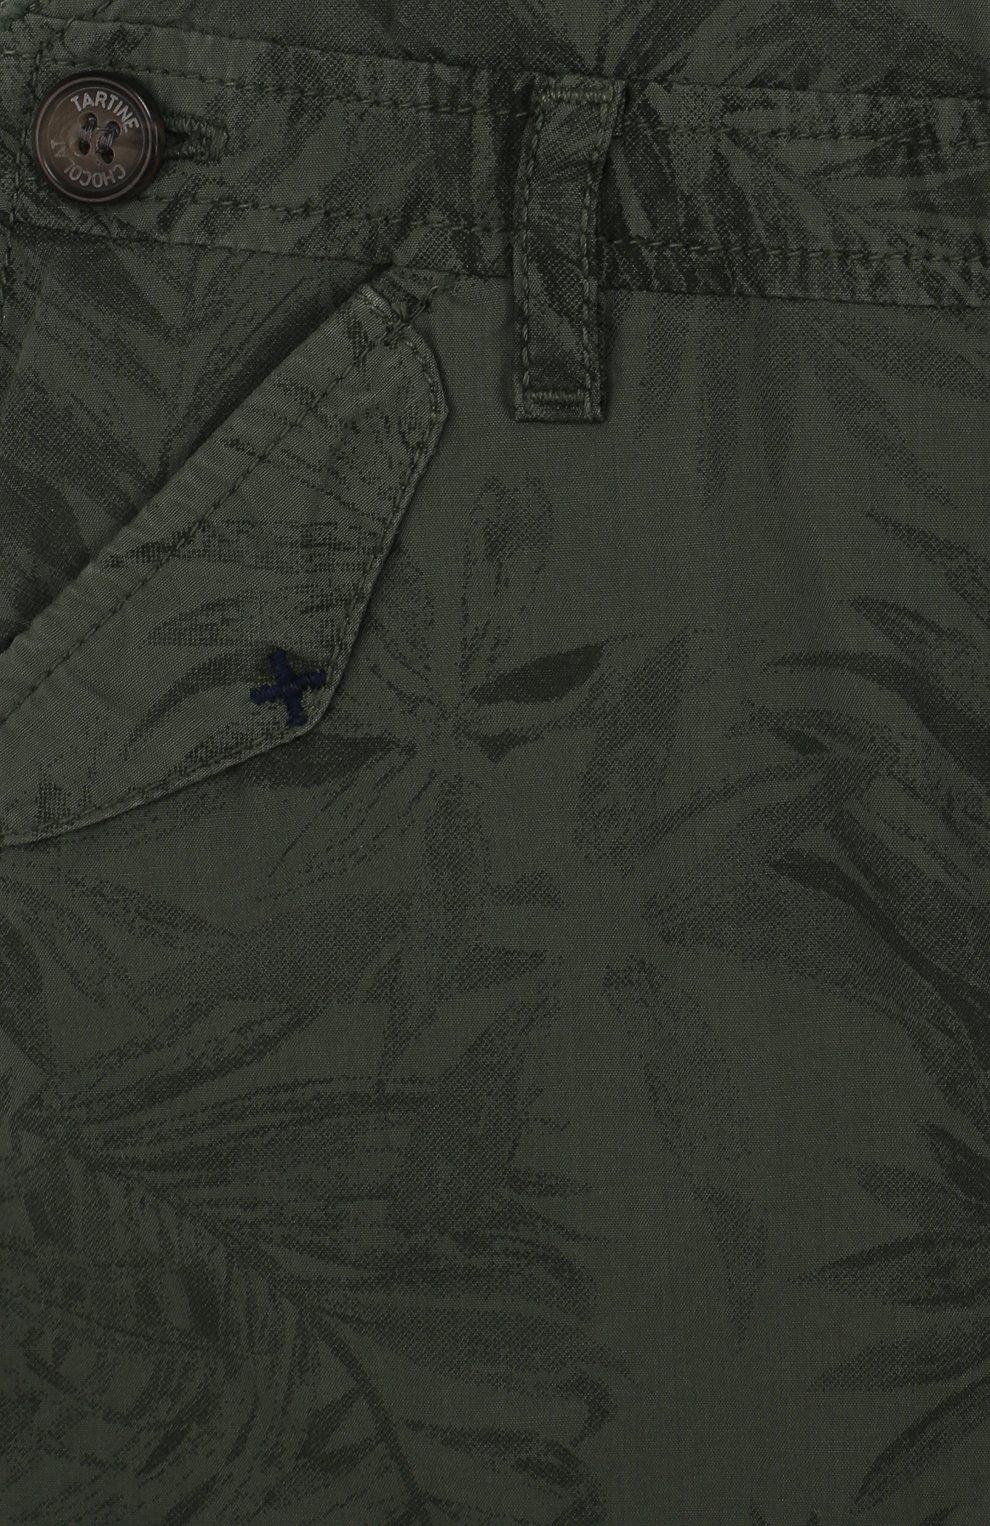 Детский хлопковый комбинезон с принтом TARTINE ET CHOCOLAT хаки цвета, арт. TL21031/1M-18M | Фото 3